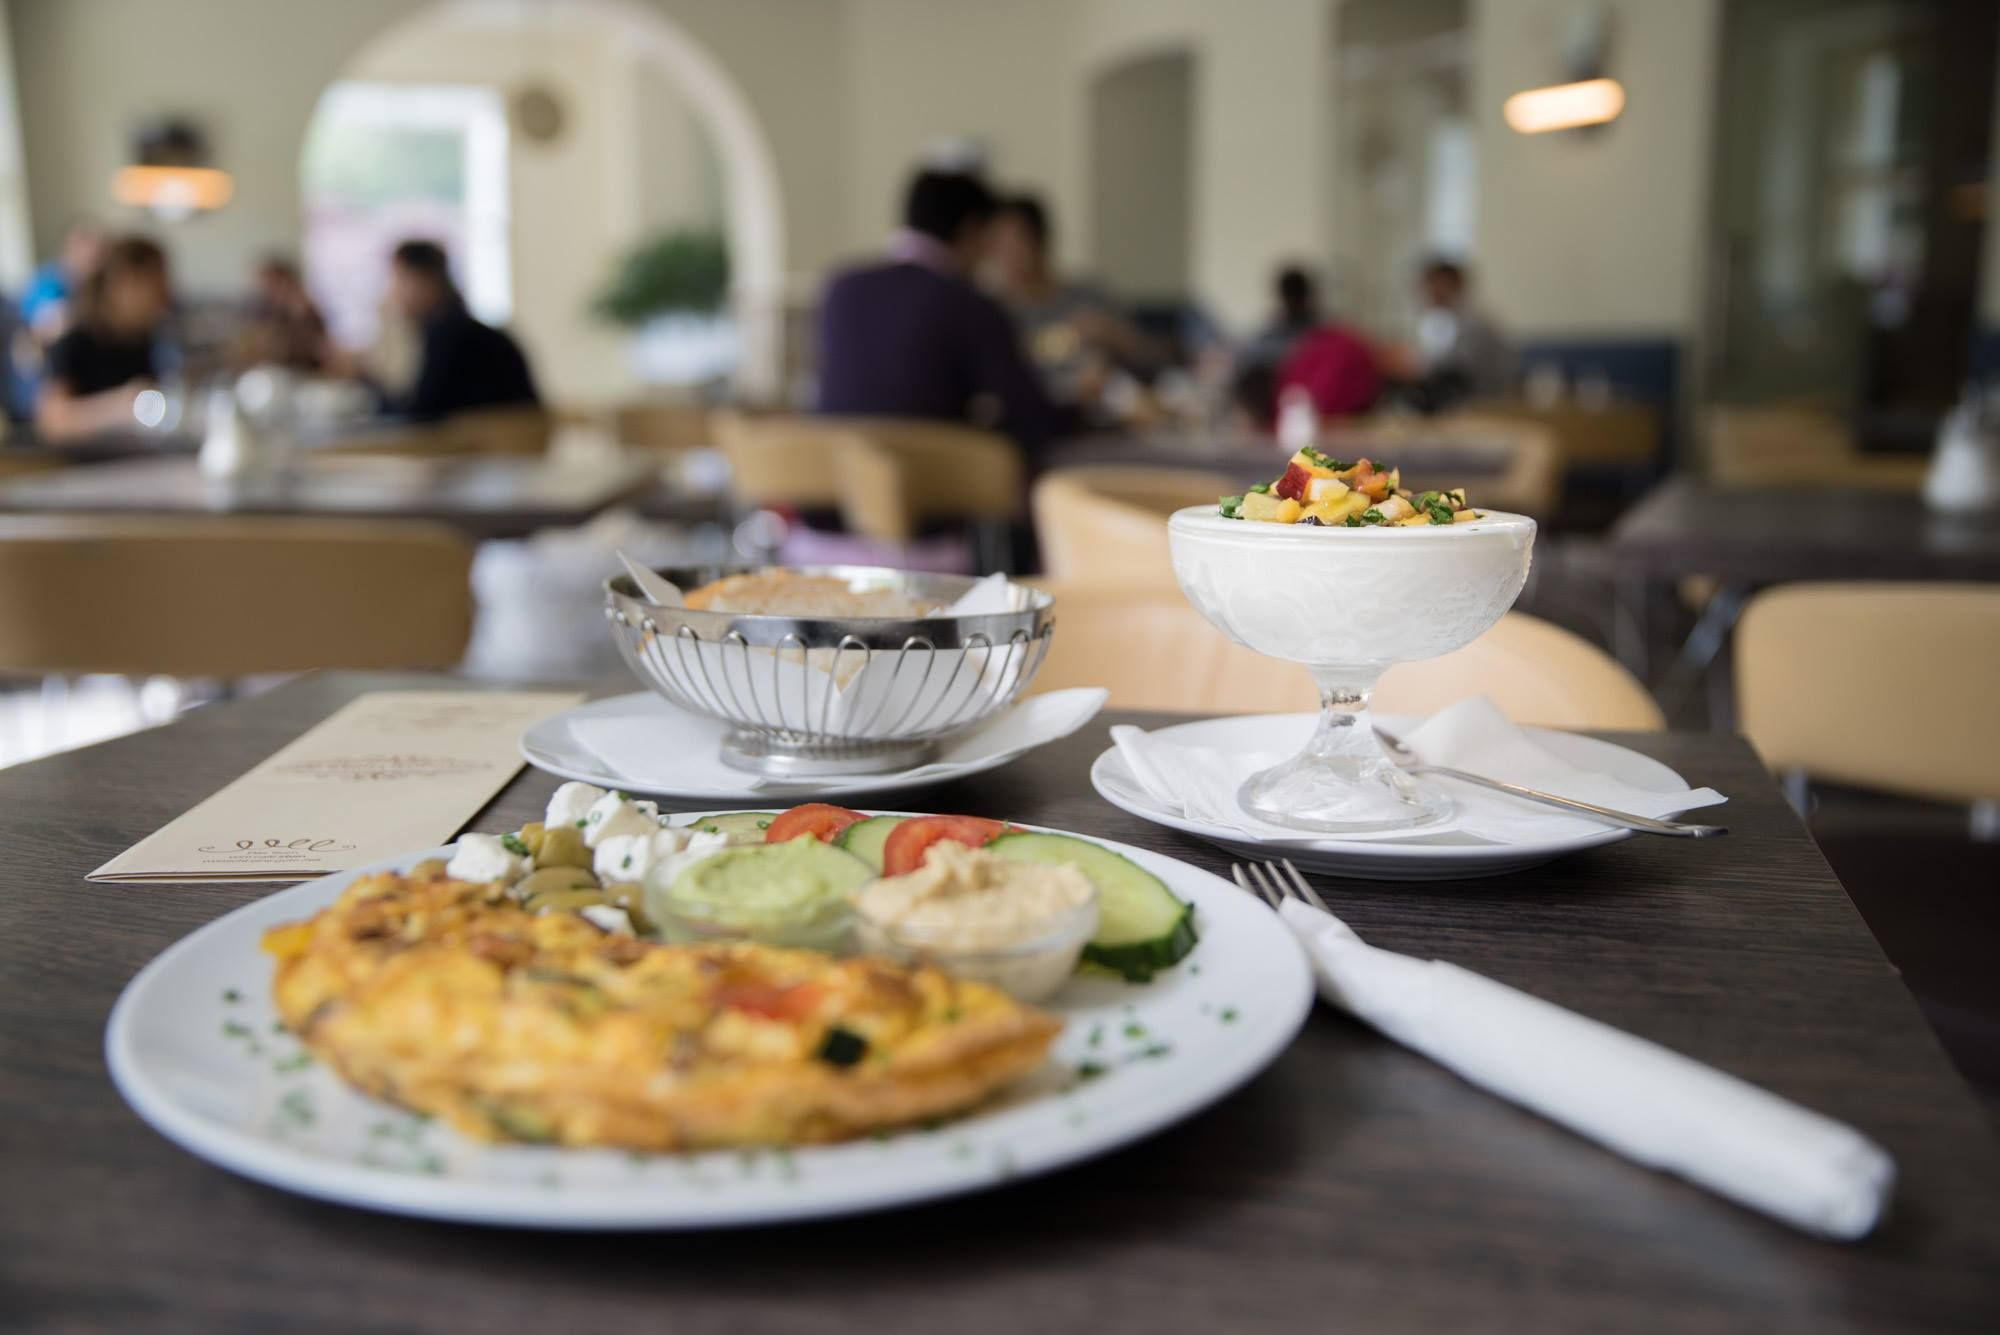 Cafe Stein Währingerstraße 6-8 1090 Wien www.goodmorningvienna.at